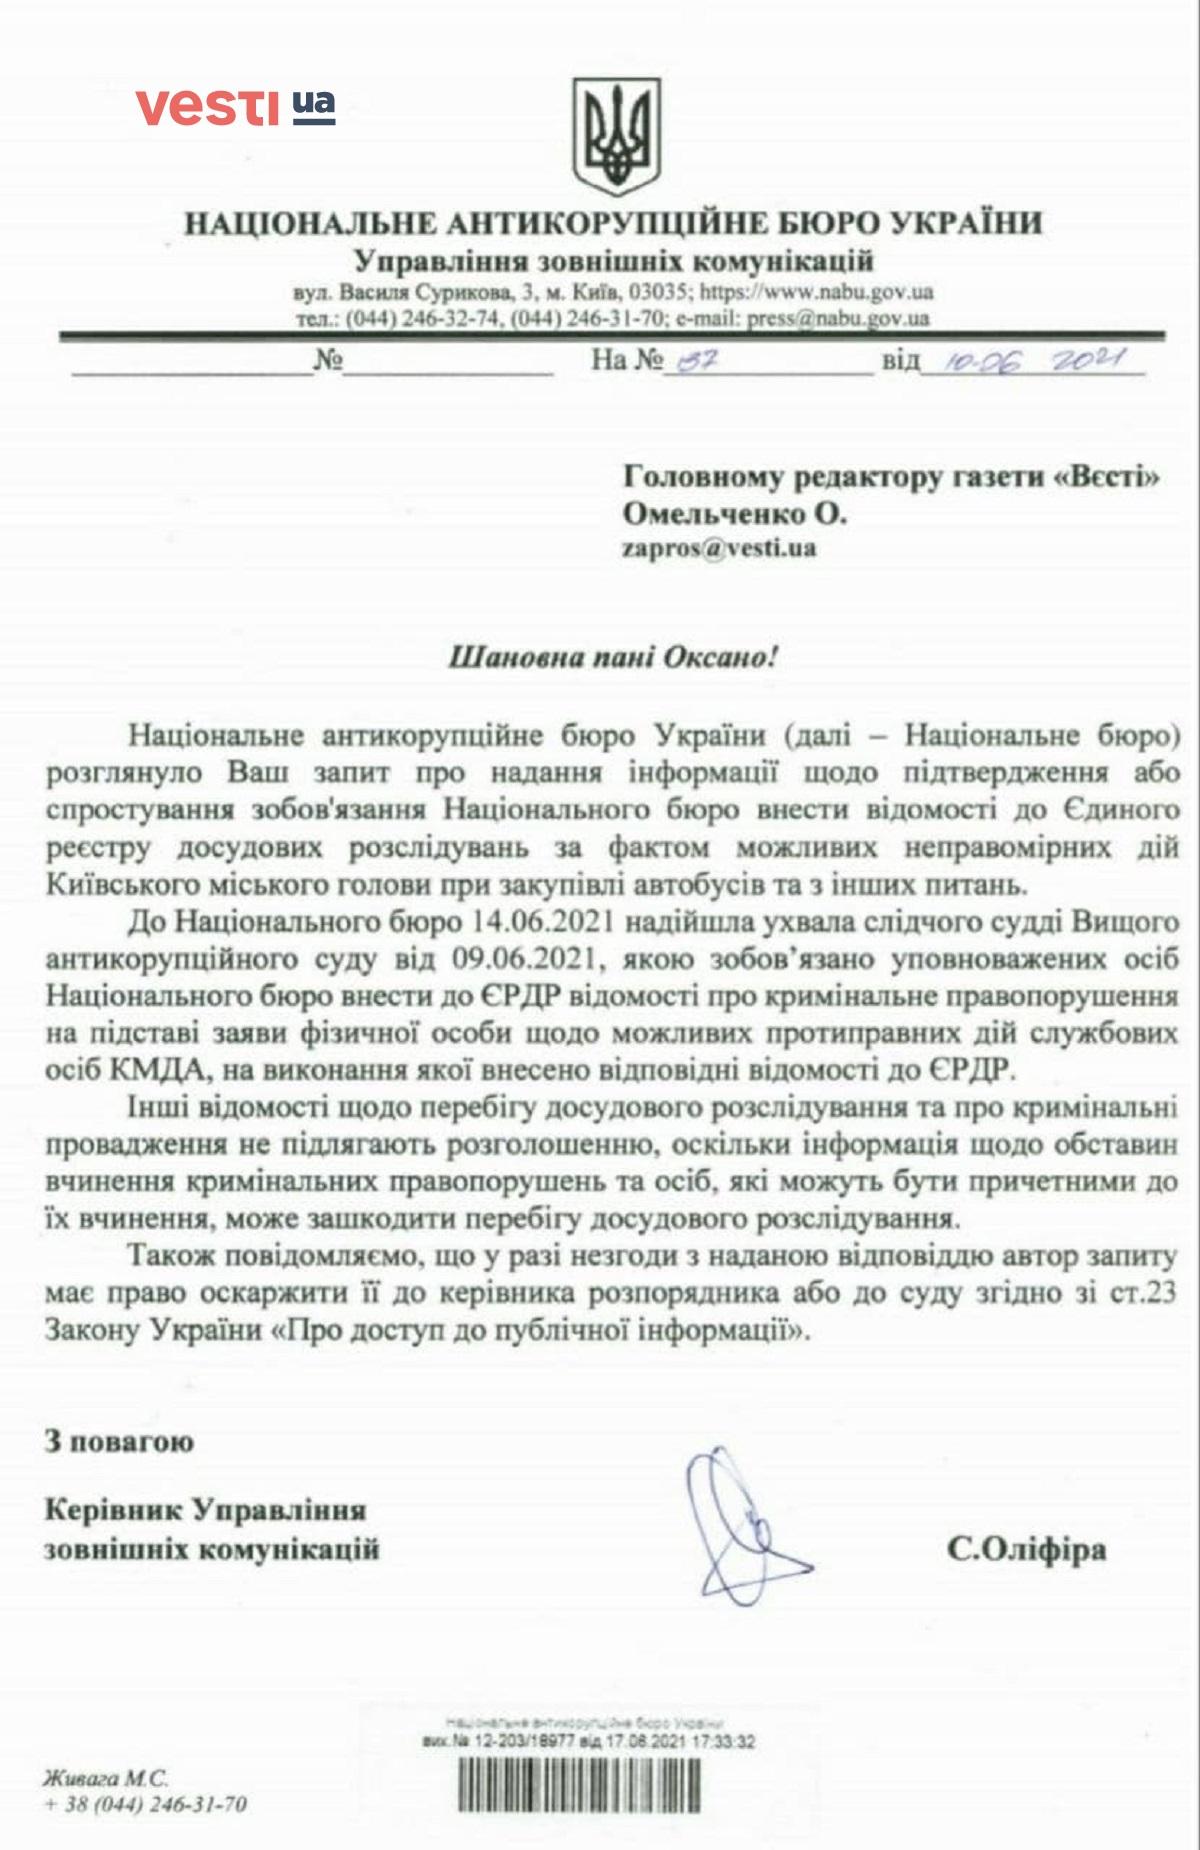 В НАБУ открыли дело против сотрудников КГГА. При чем тут Кличко? — фото 1